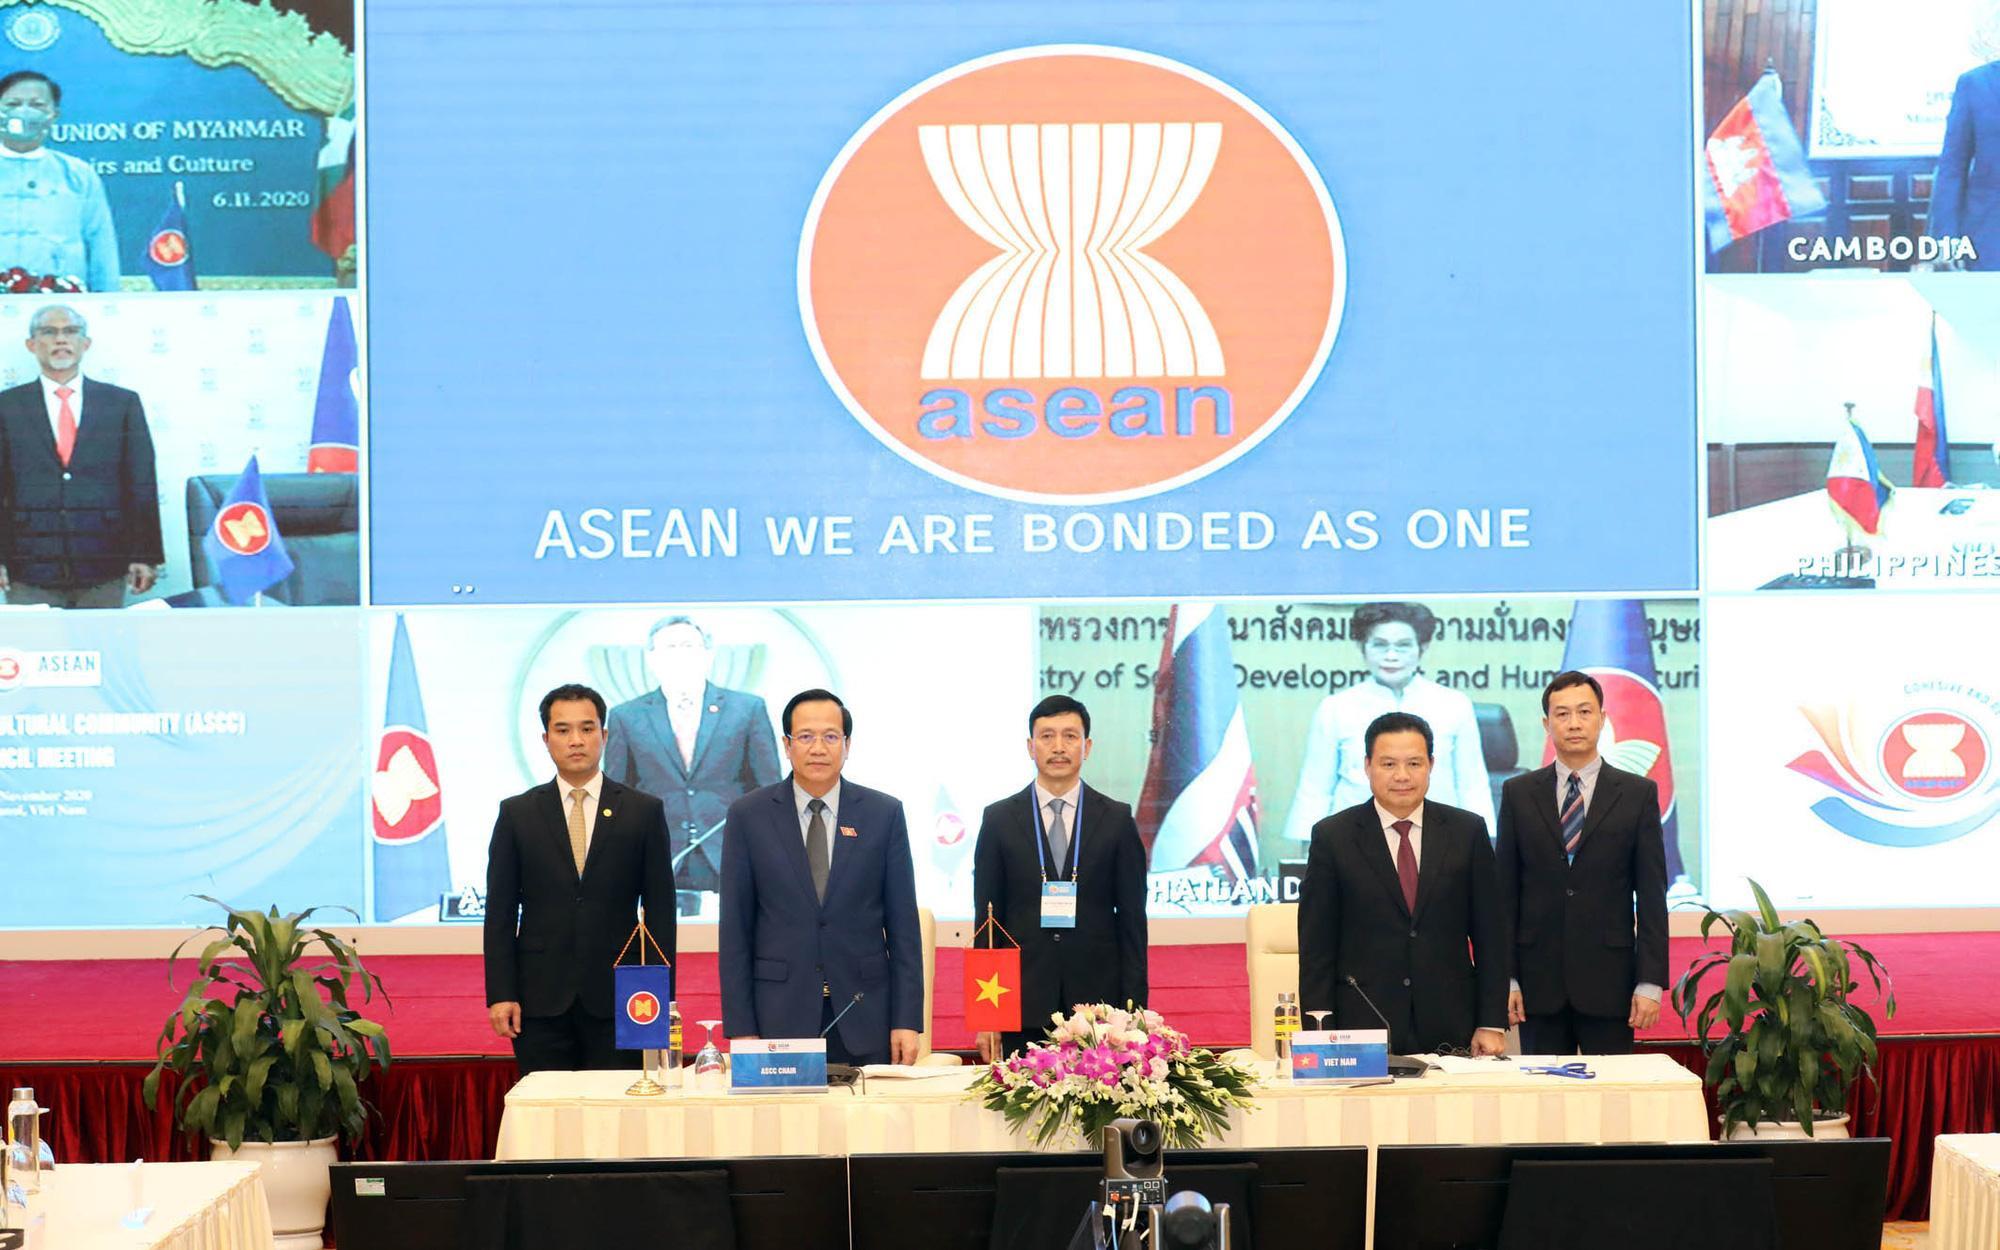 Hợp tác, xây dựng một ASEAN gắn kết, chủ động và thích ứng